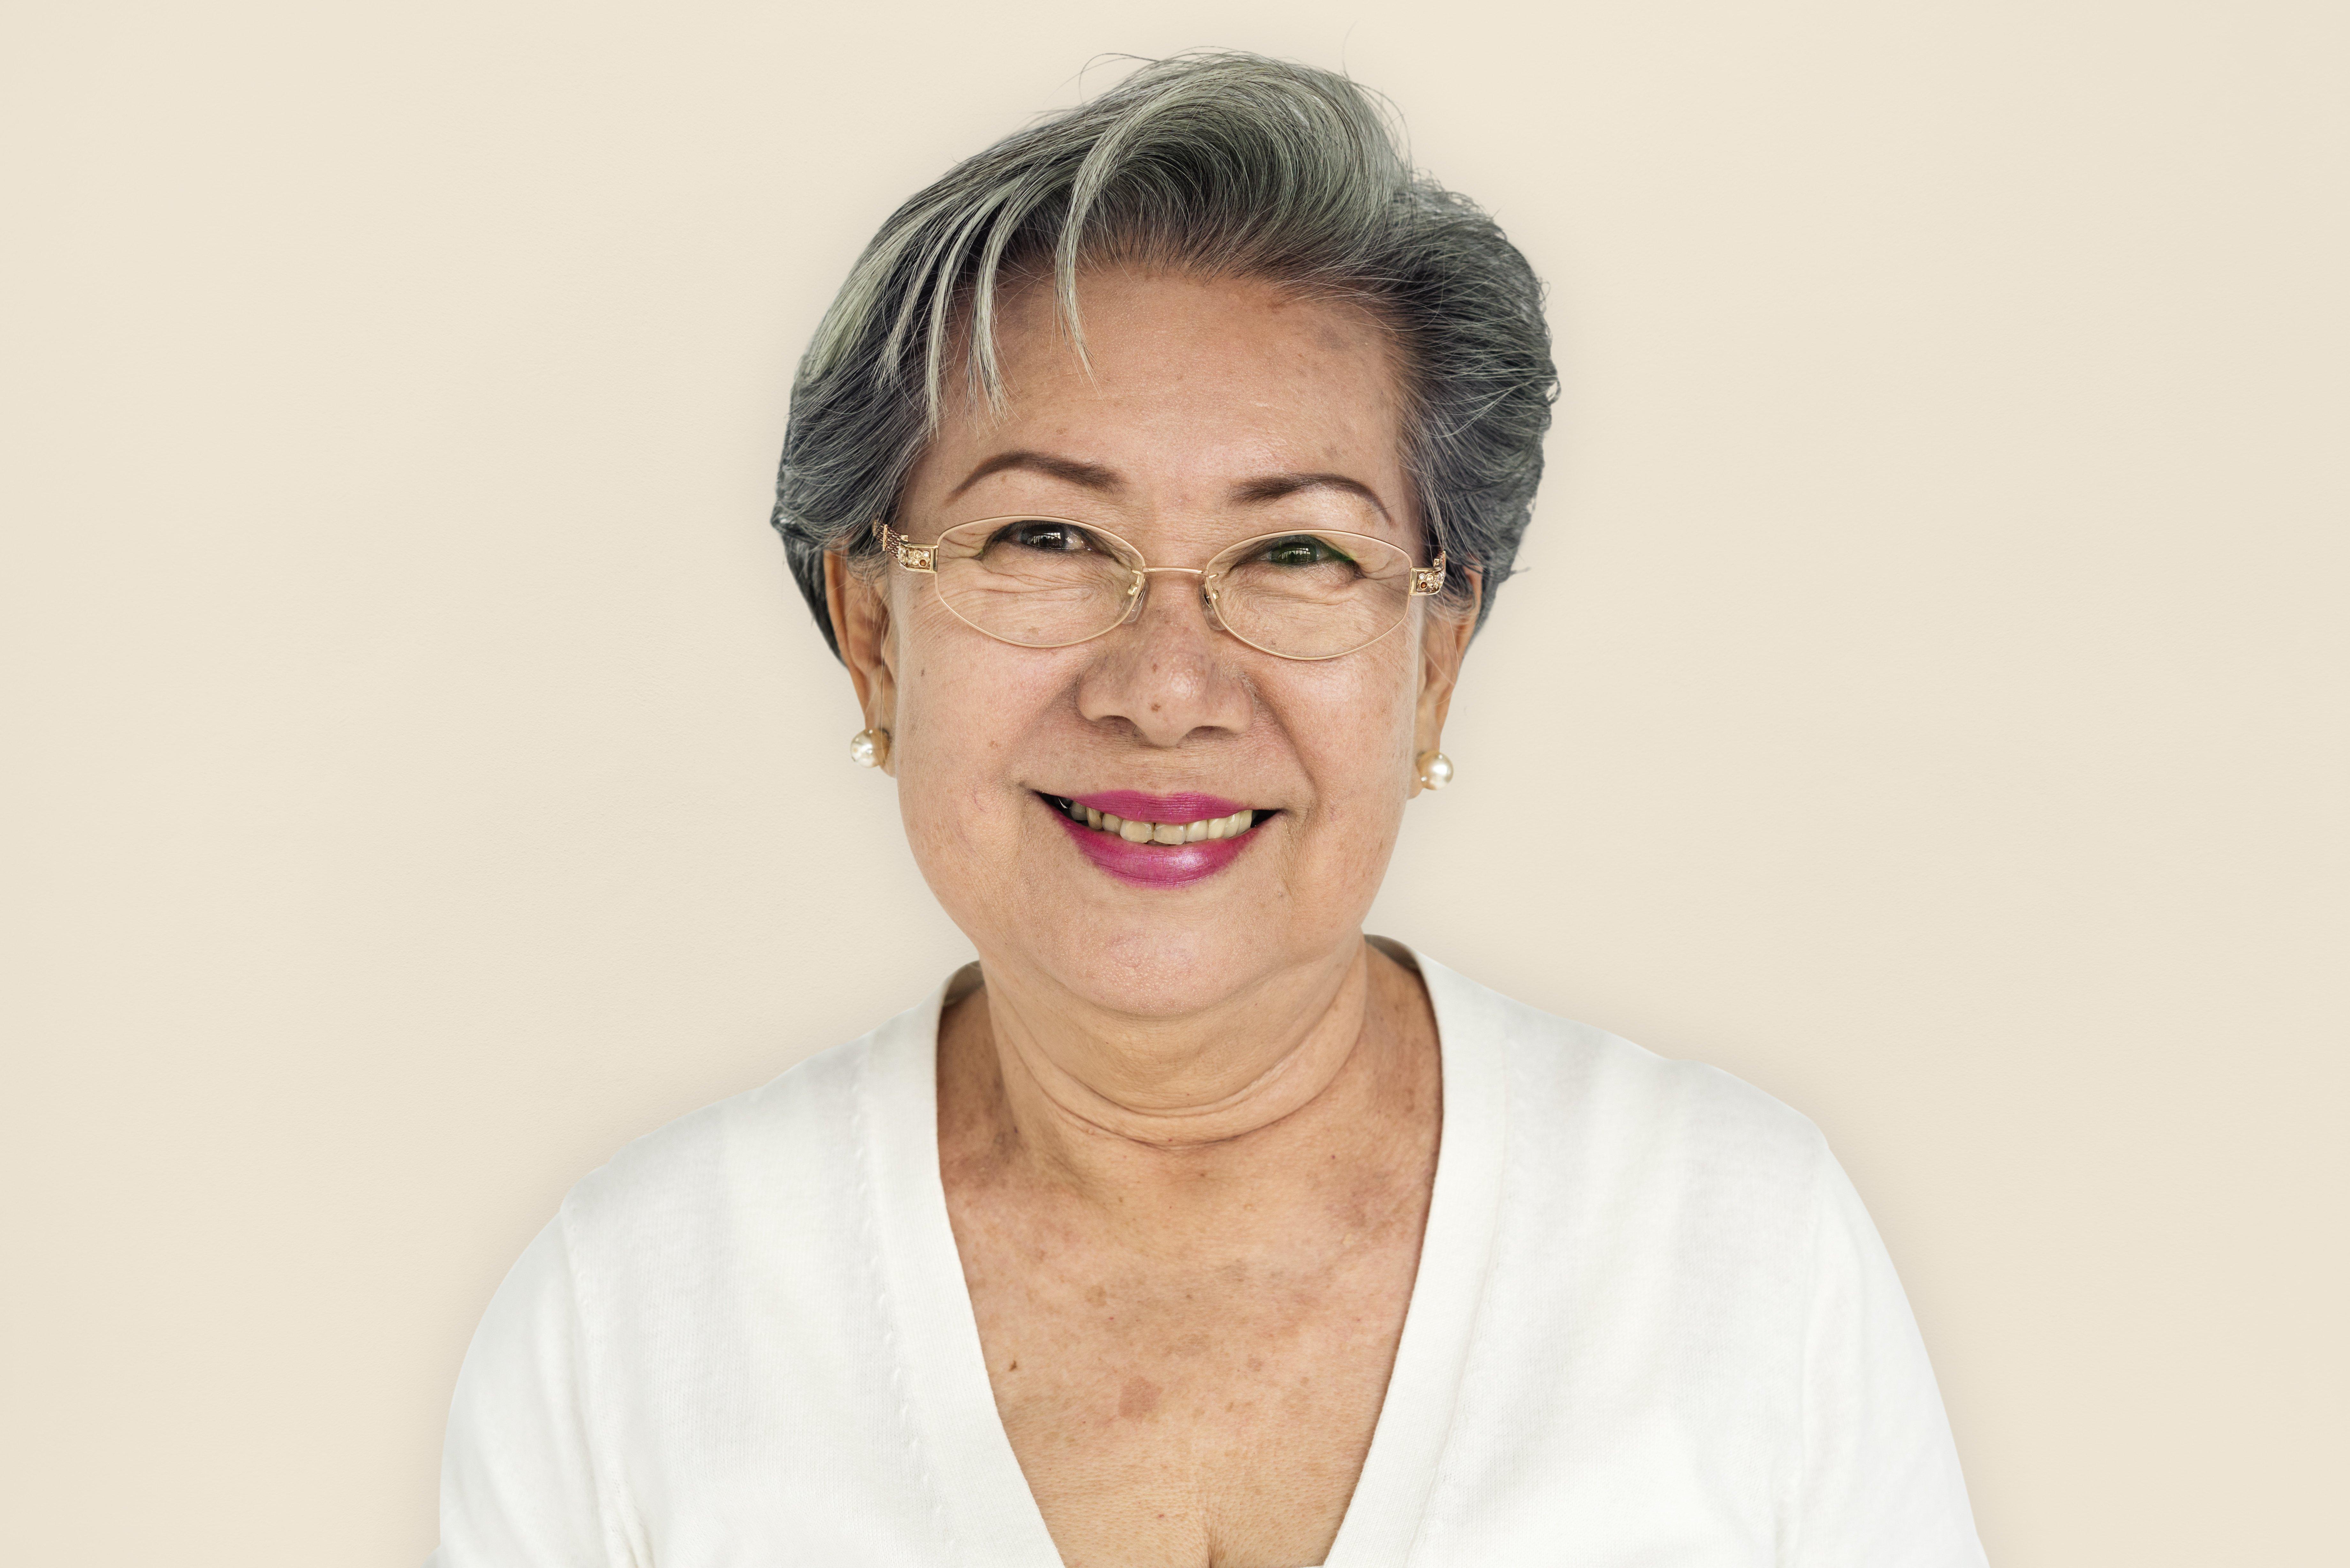 Mujer tailandesa sonriendo feliz. Fuente: Shutterstock